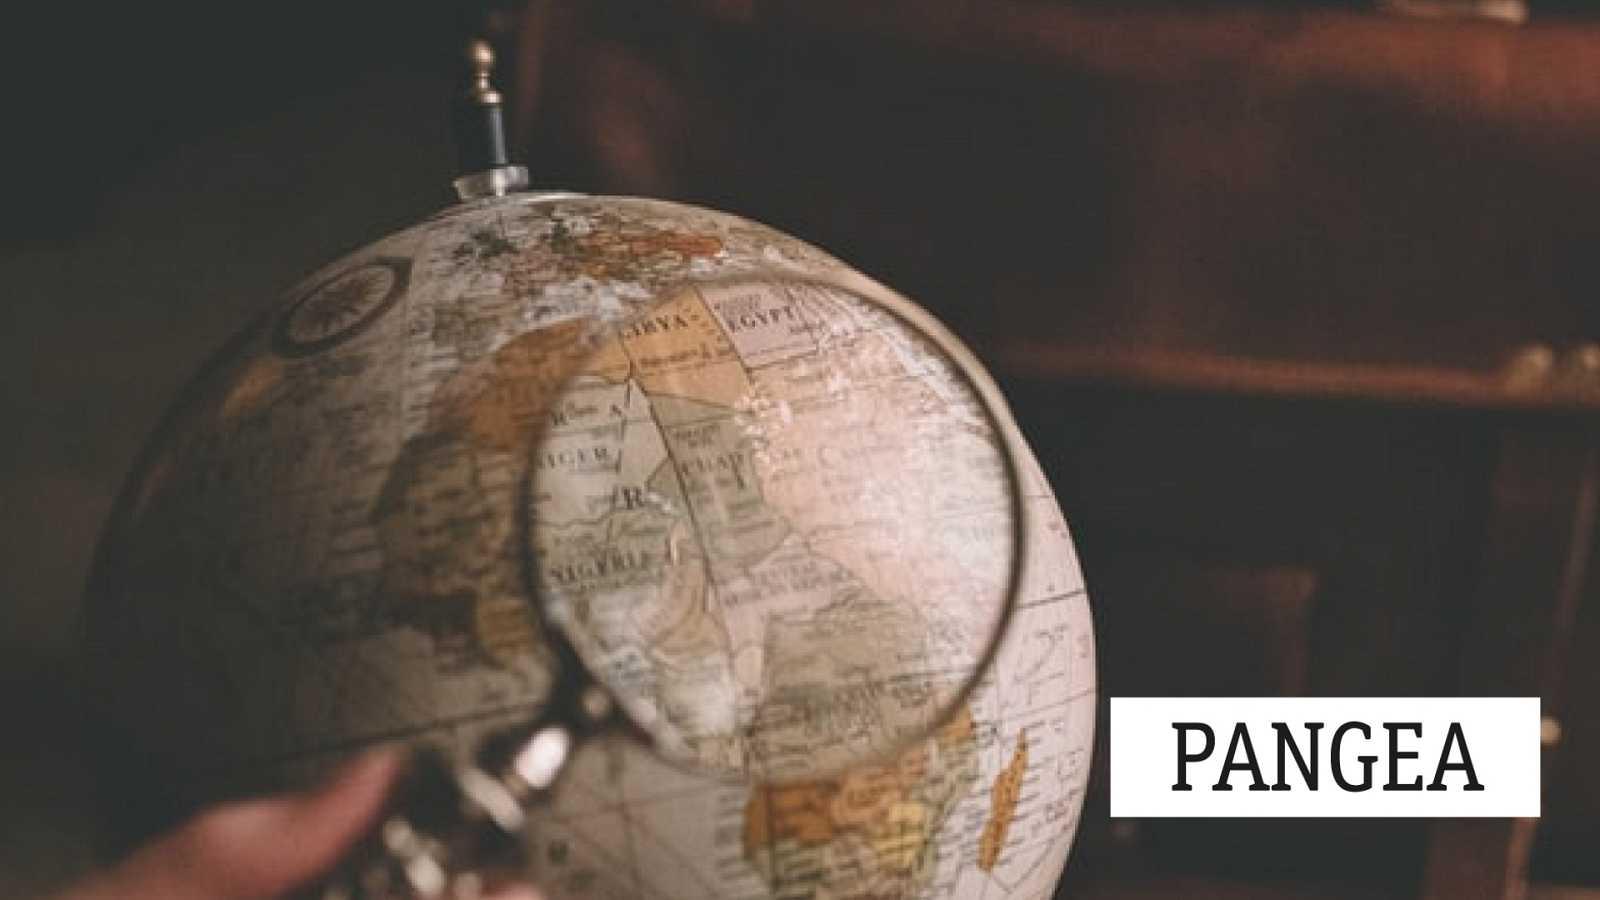 Pangea - Algunos fuelles 1 - 22/02/21 - escuchar ahora